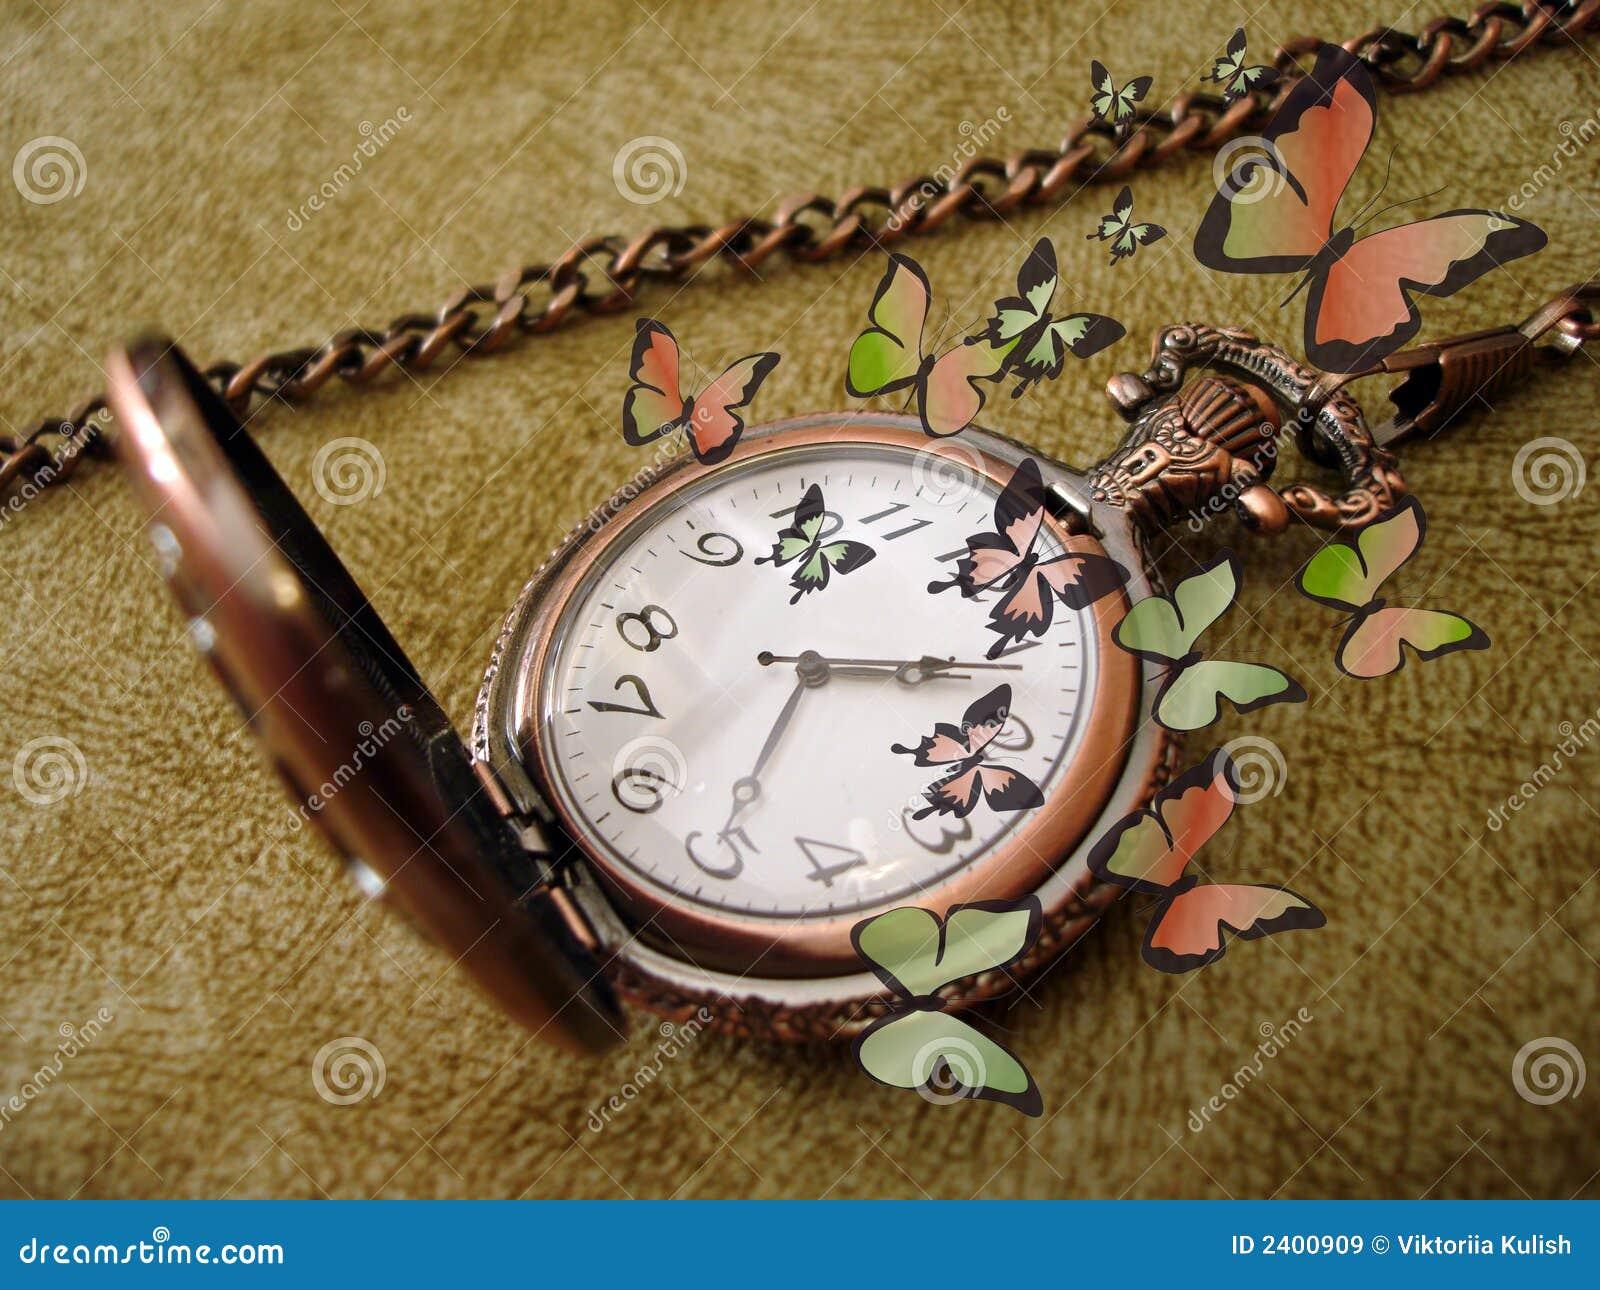 Golden clock with butterflies